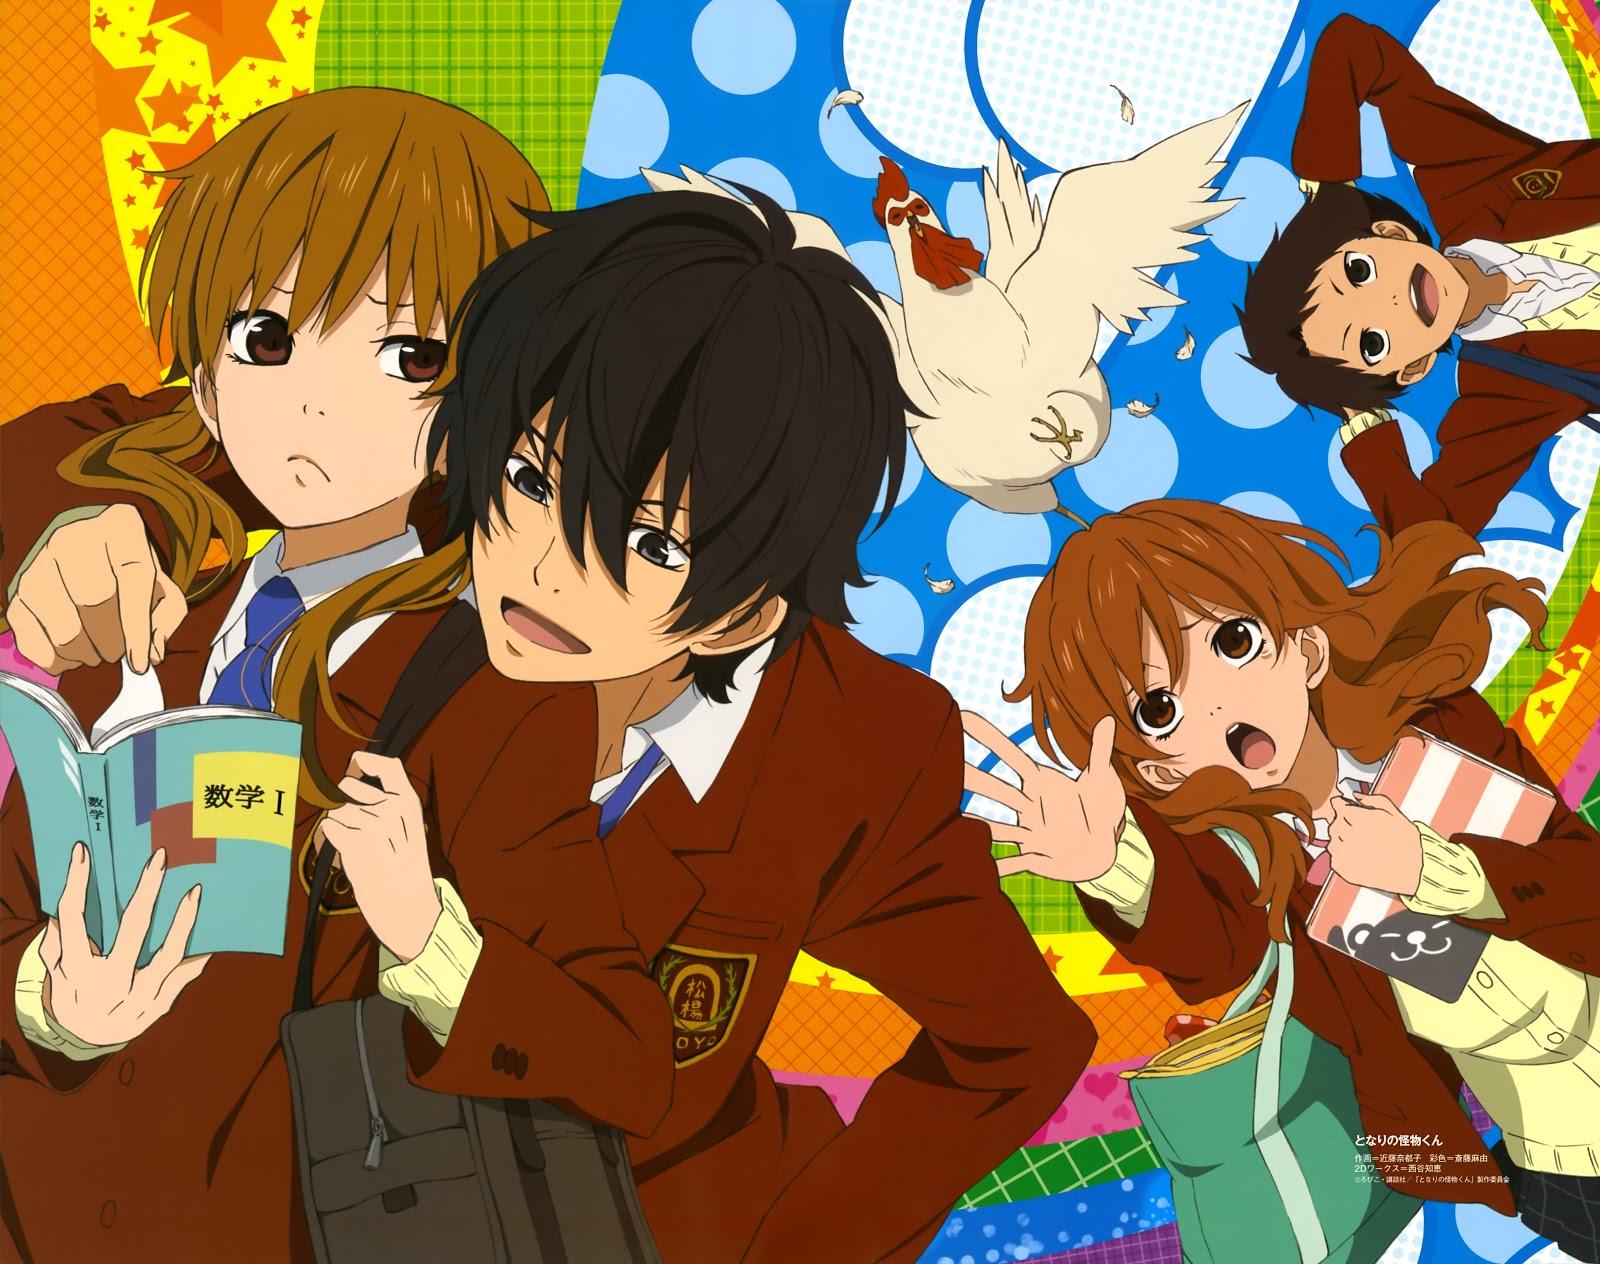 Como assistir animes Slice of Life - 5 Dicas